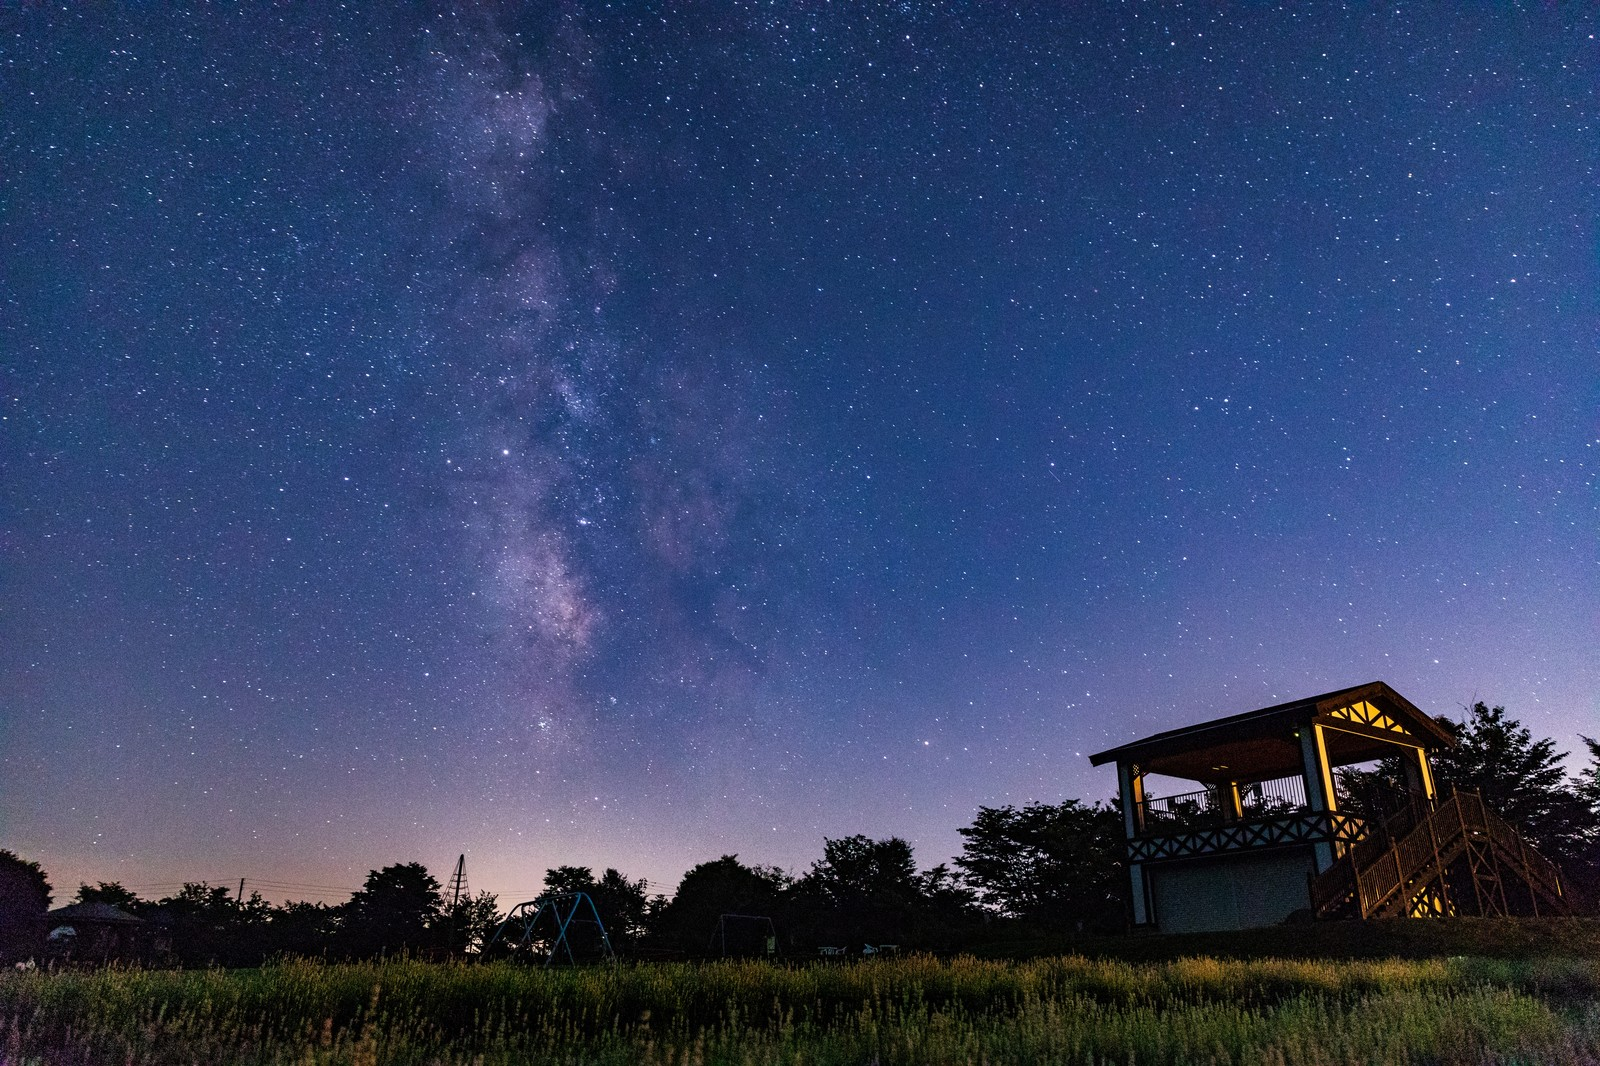 「ラベンダー園から見える天の川 | 写真の無料素材・フリー素材 - ぱくたそ」の写真